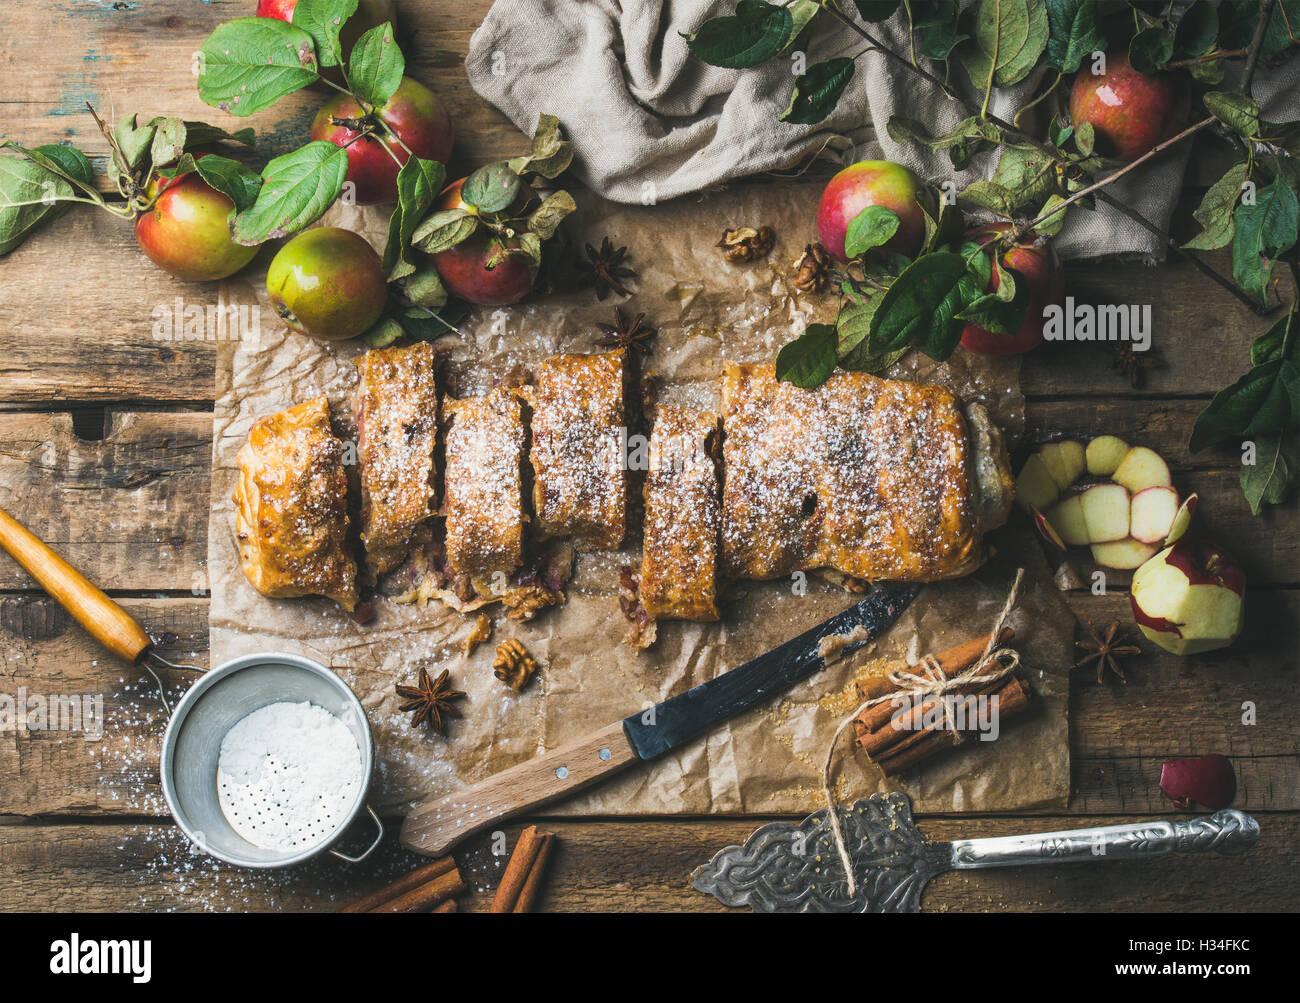 Strudel di mele torta con cannella, noci e zucchero in polvere Immagini Stock